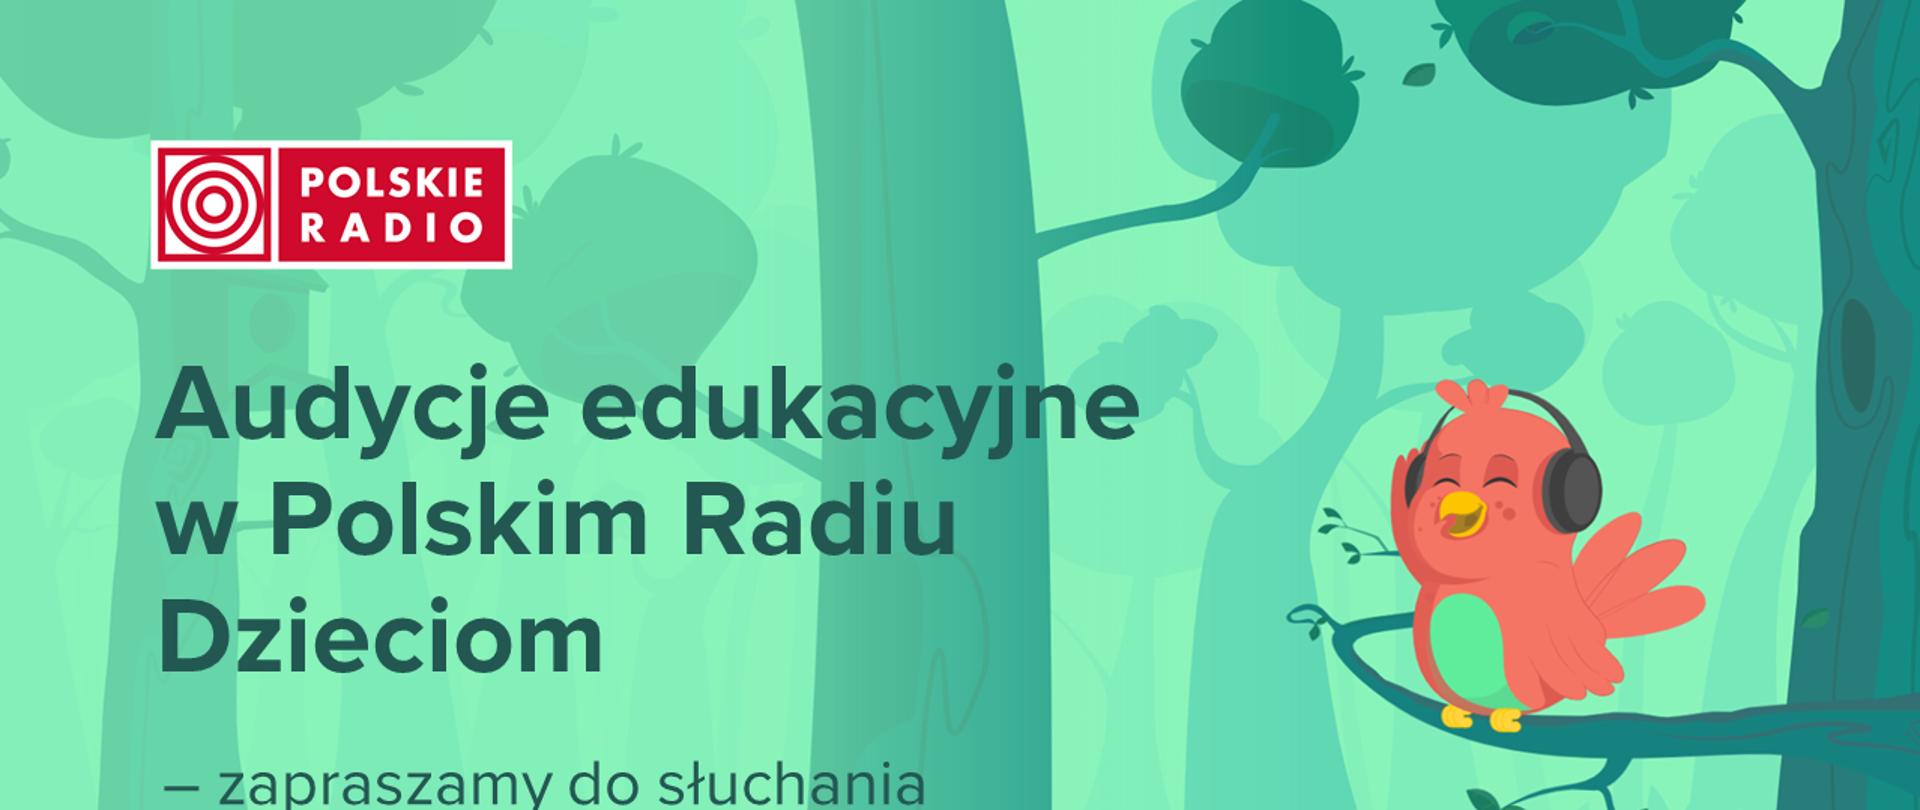 Na górze logotyp polskiego radia, poniżej napis audycje edukacyjne w polskim radiu dzieciom - zapraszamy do słuchania. Po lewej stronie ptaszek ze słuchawkami na uszach. Całość na tle lasu.